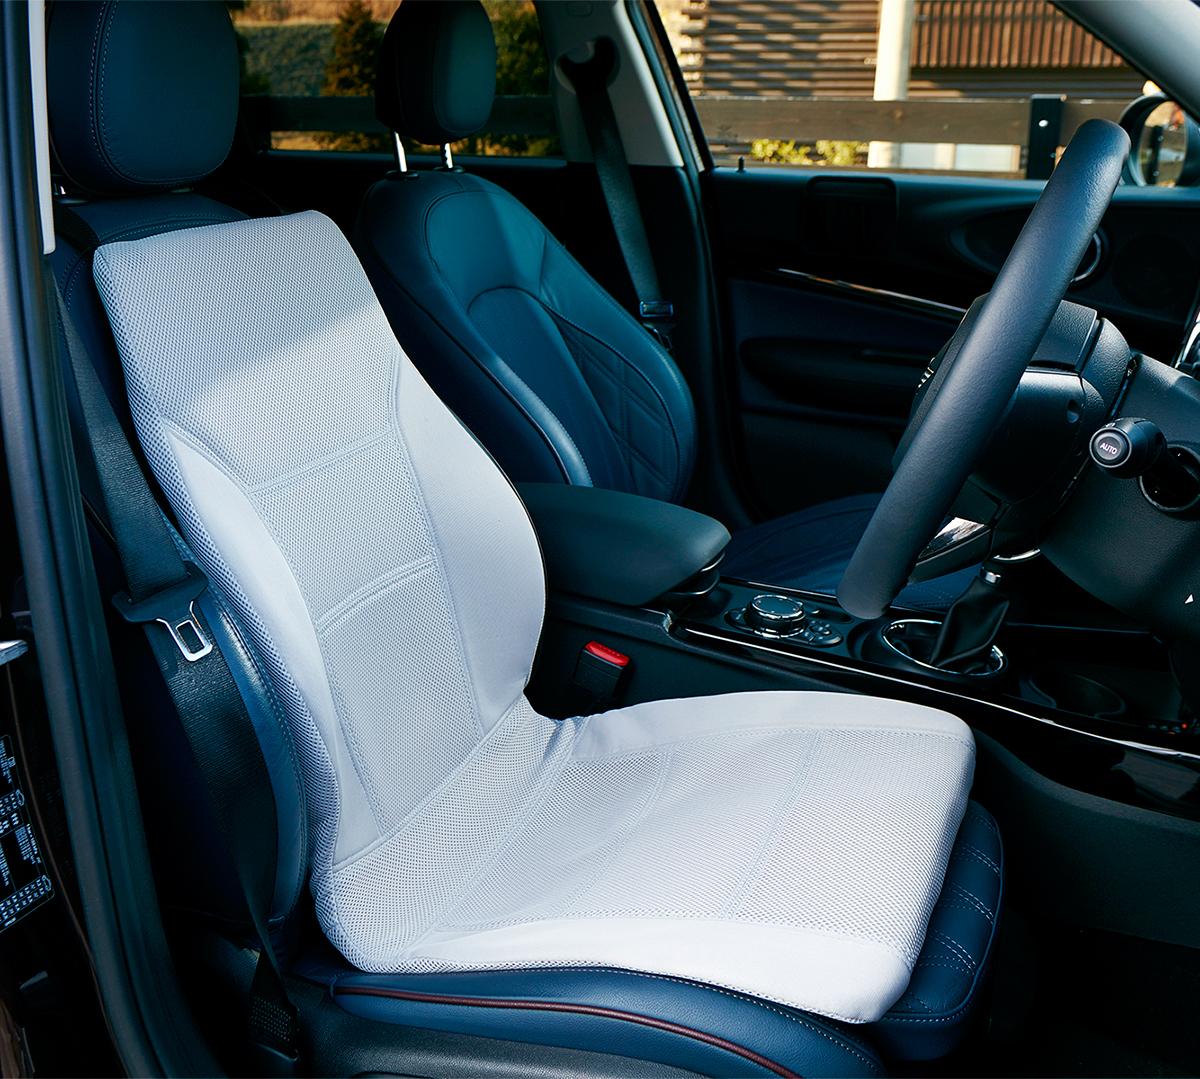 家から車へ、車から別の車へ、ラクに持ち運びできます。置くだけで、運転中ずっと、腰・背中・お尻がラクな車用シートクッション|P!nto Driver